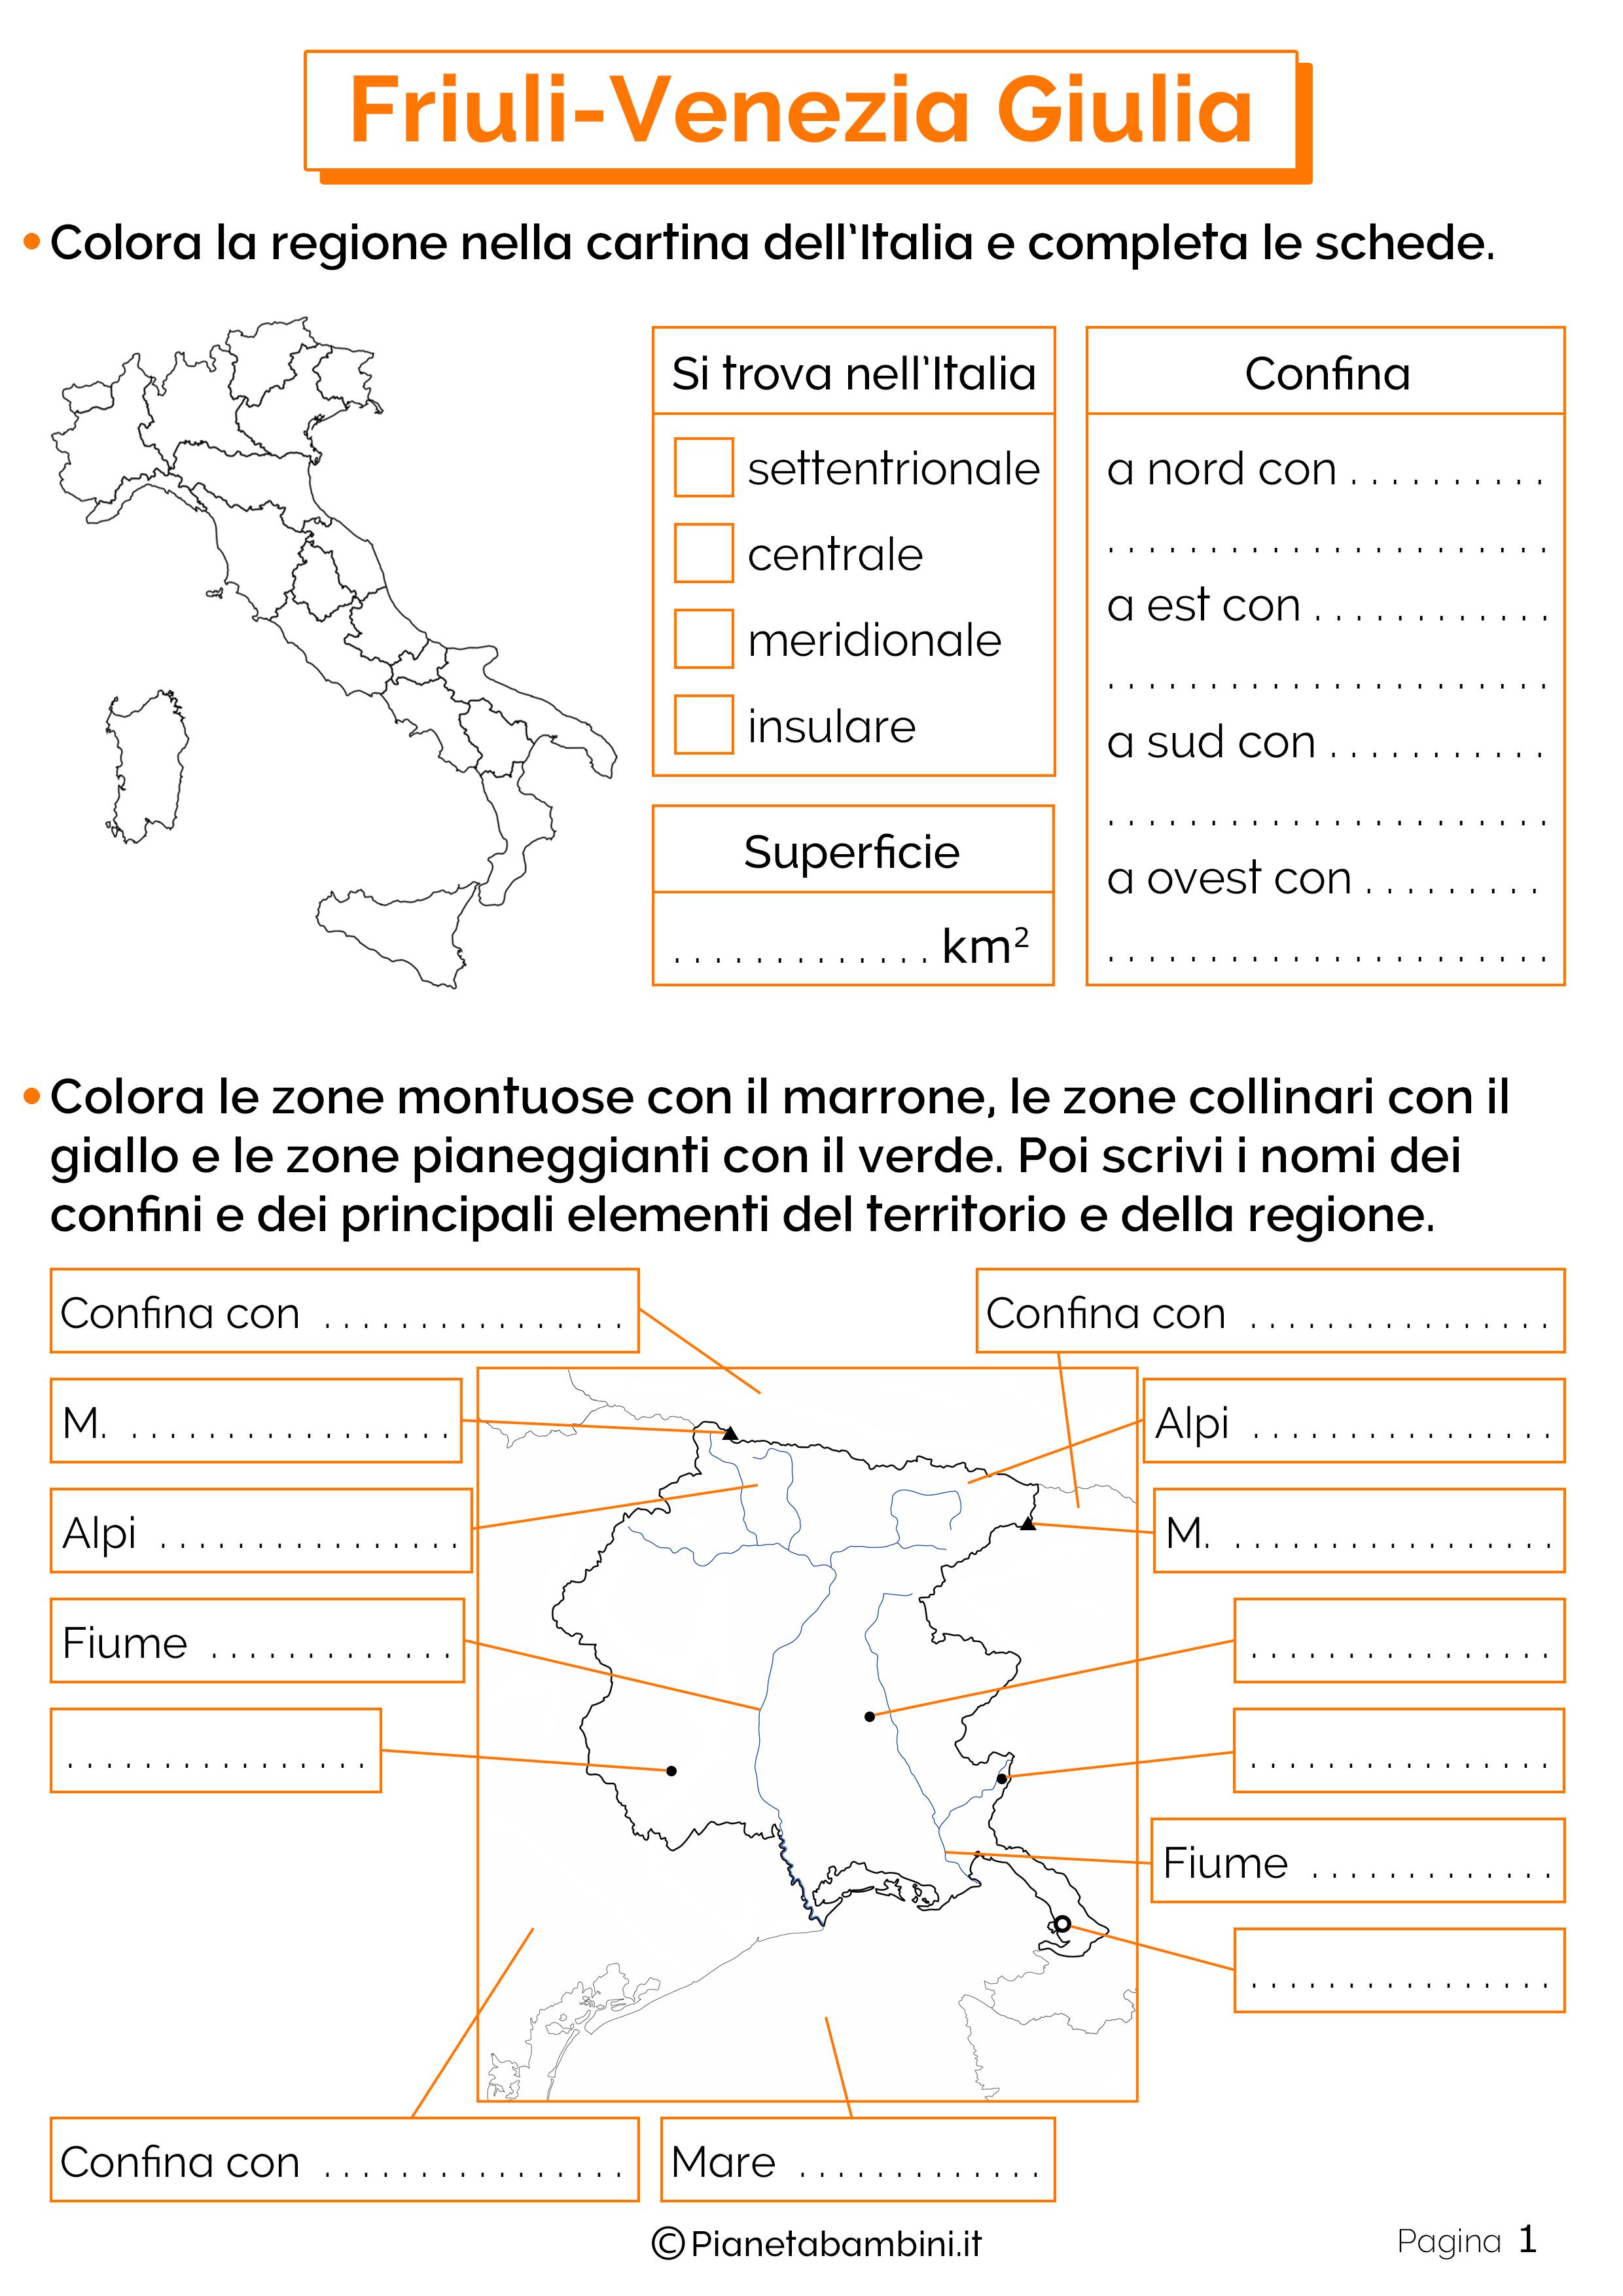 Esercizi sul Friuli-Venezia Giulia 1